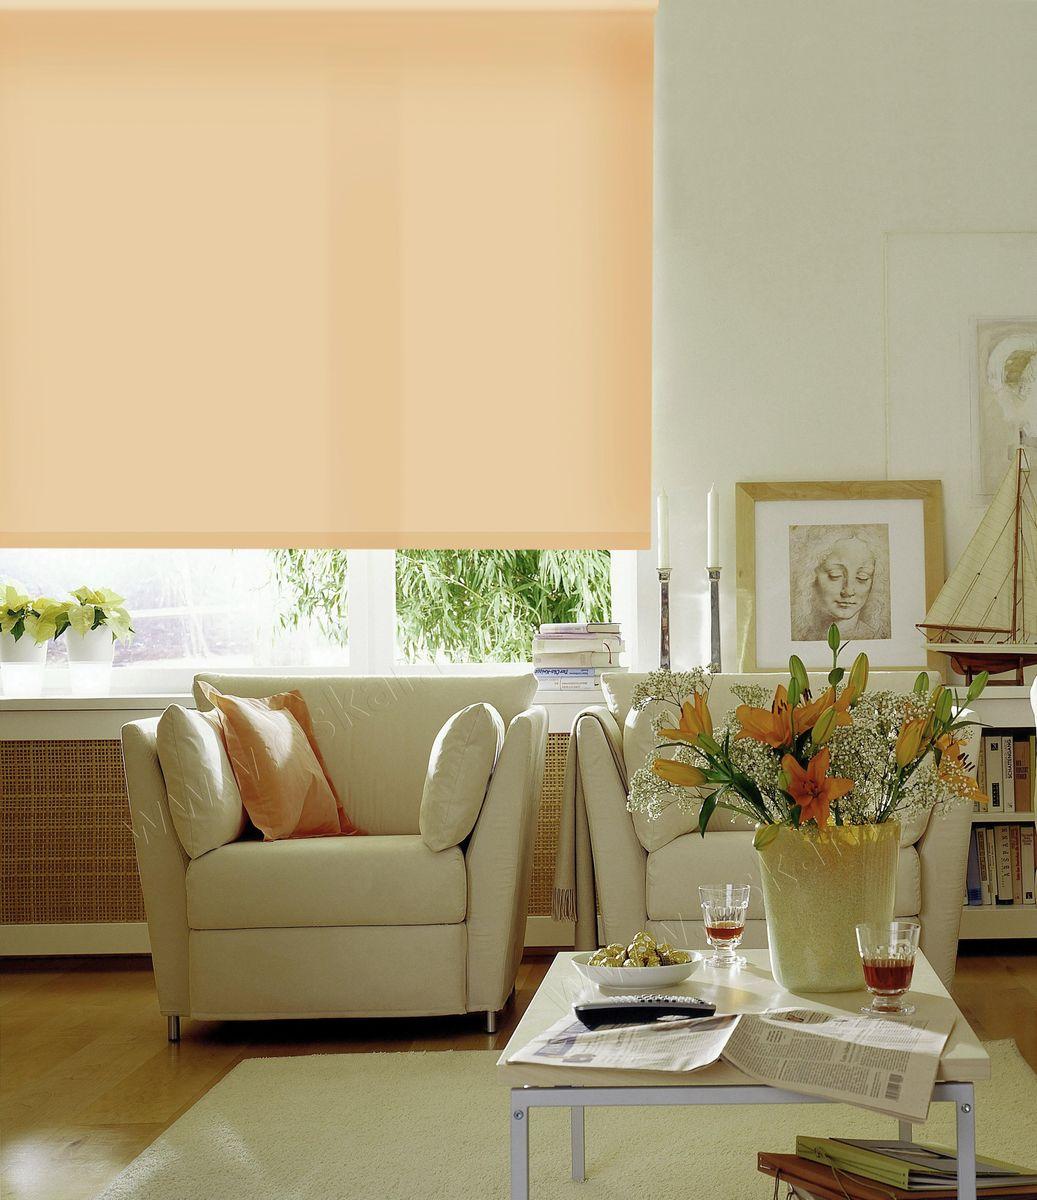 Штора рулонная Эскар Ролло. Однотонные, цвет: светлый абрикос, ширина 160 см, высота 170 см81112160170Рулонными шторами можно оформлять окна как самостоятельно, так ииспользовать в комбинации с портьерами. Это поможет предотвратитьвыгорание дорогой ткани на солнце и соединит функционал рулонных скрасотой навесных. Преимущества применения рулонных штор для пластиковых окон: - имеют прекрасный внешний вид: многообразие и фактурность материалаизделия отлично смотрятся в любом интерьере;- многофункциональны: есть возможность подобрать шторы способныеэффективно защитить комнату от солнца, при этом о на не будет слишкомтемной.- Есть возможность осуществить быстрый монтаж. ВНИМАНИЕ! Размеры ширины изделия указаны по ширине ткани! Во время эксплуатации не рекомендуется полностью разматывать рулон, чтобыне оторвать ткань от намоточного вала. В случае загрязнения поверхности ткани, чистку шторы проводят одним изспособов, в зависимости от типа загрязнения:легкое поверхностное загрязнение можно удалить при помощи канцелярскоголастика;чистка от пыли производится сухим методом при помощи пылесоса с мягкойщеткой-насадкой;для удаления пятна используйте мягкую губку с пенообразующим неагрессивныммоющим средством или пятновыводитель на натуральной основе (нельзяприменять растворители).